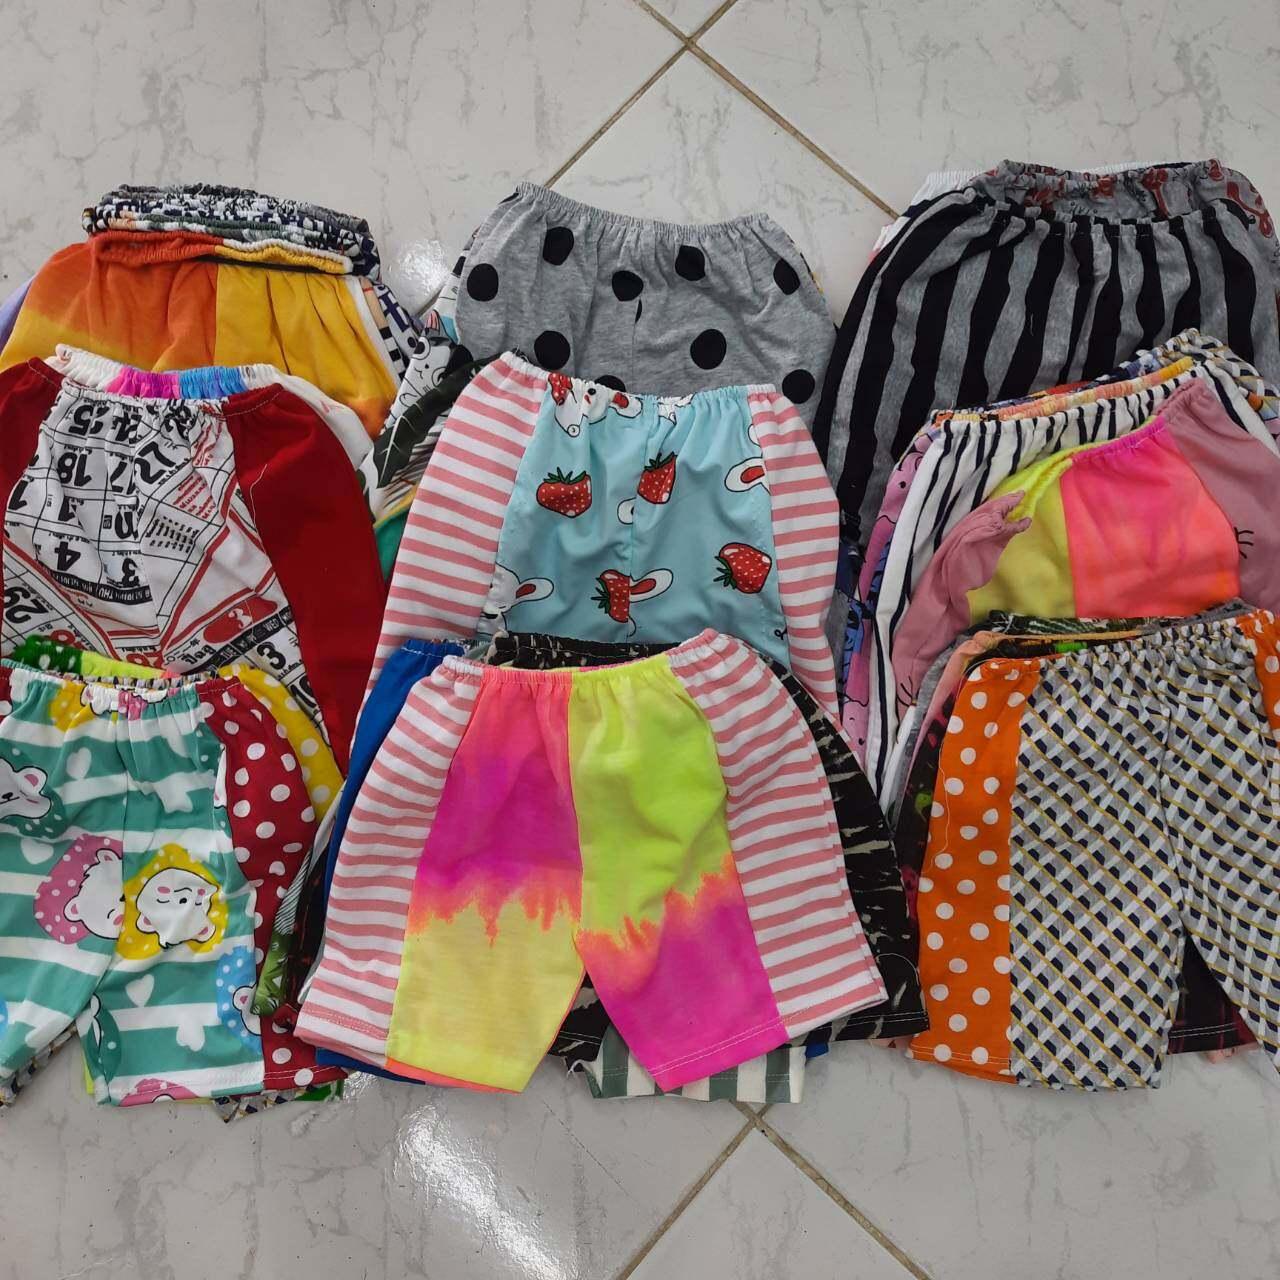 กางเกงขาสั้นเด็กเล็กอายุ 3-12 เดือน 10โลตัวละ10บาท.